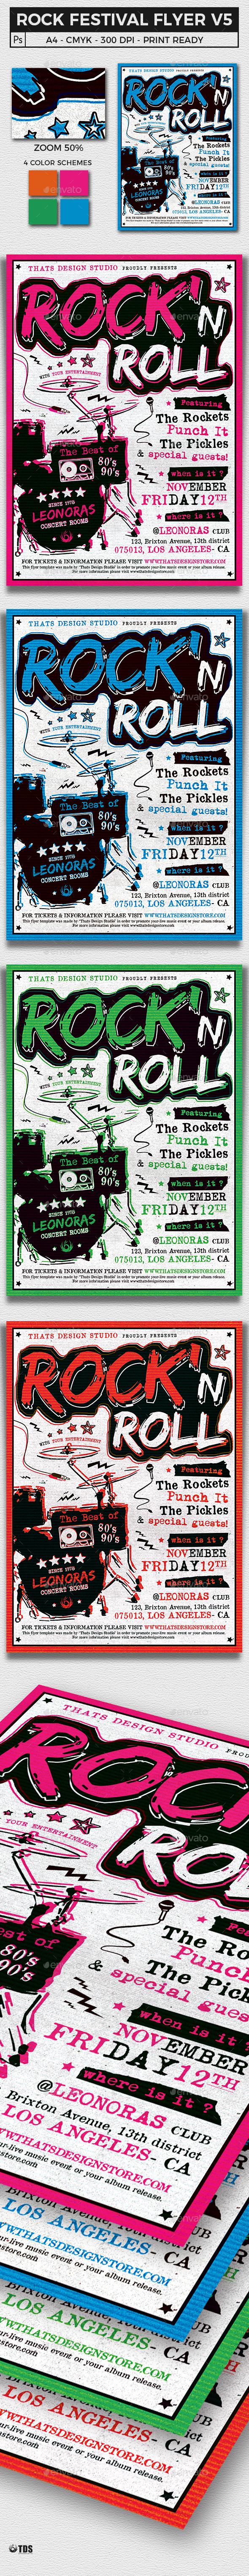 Rock Festival Flyer Template V5 - Concerts Events